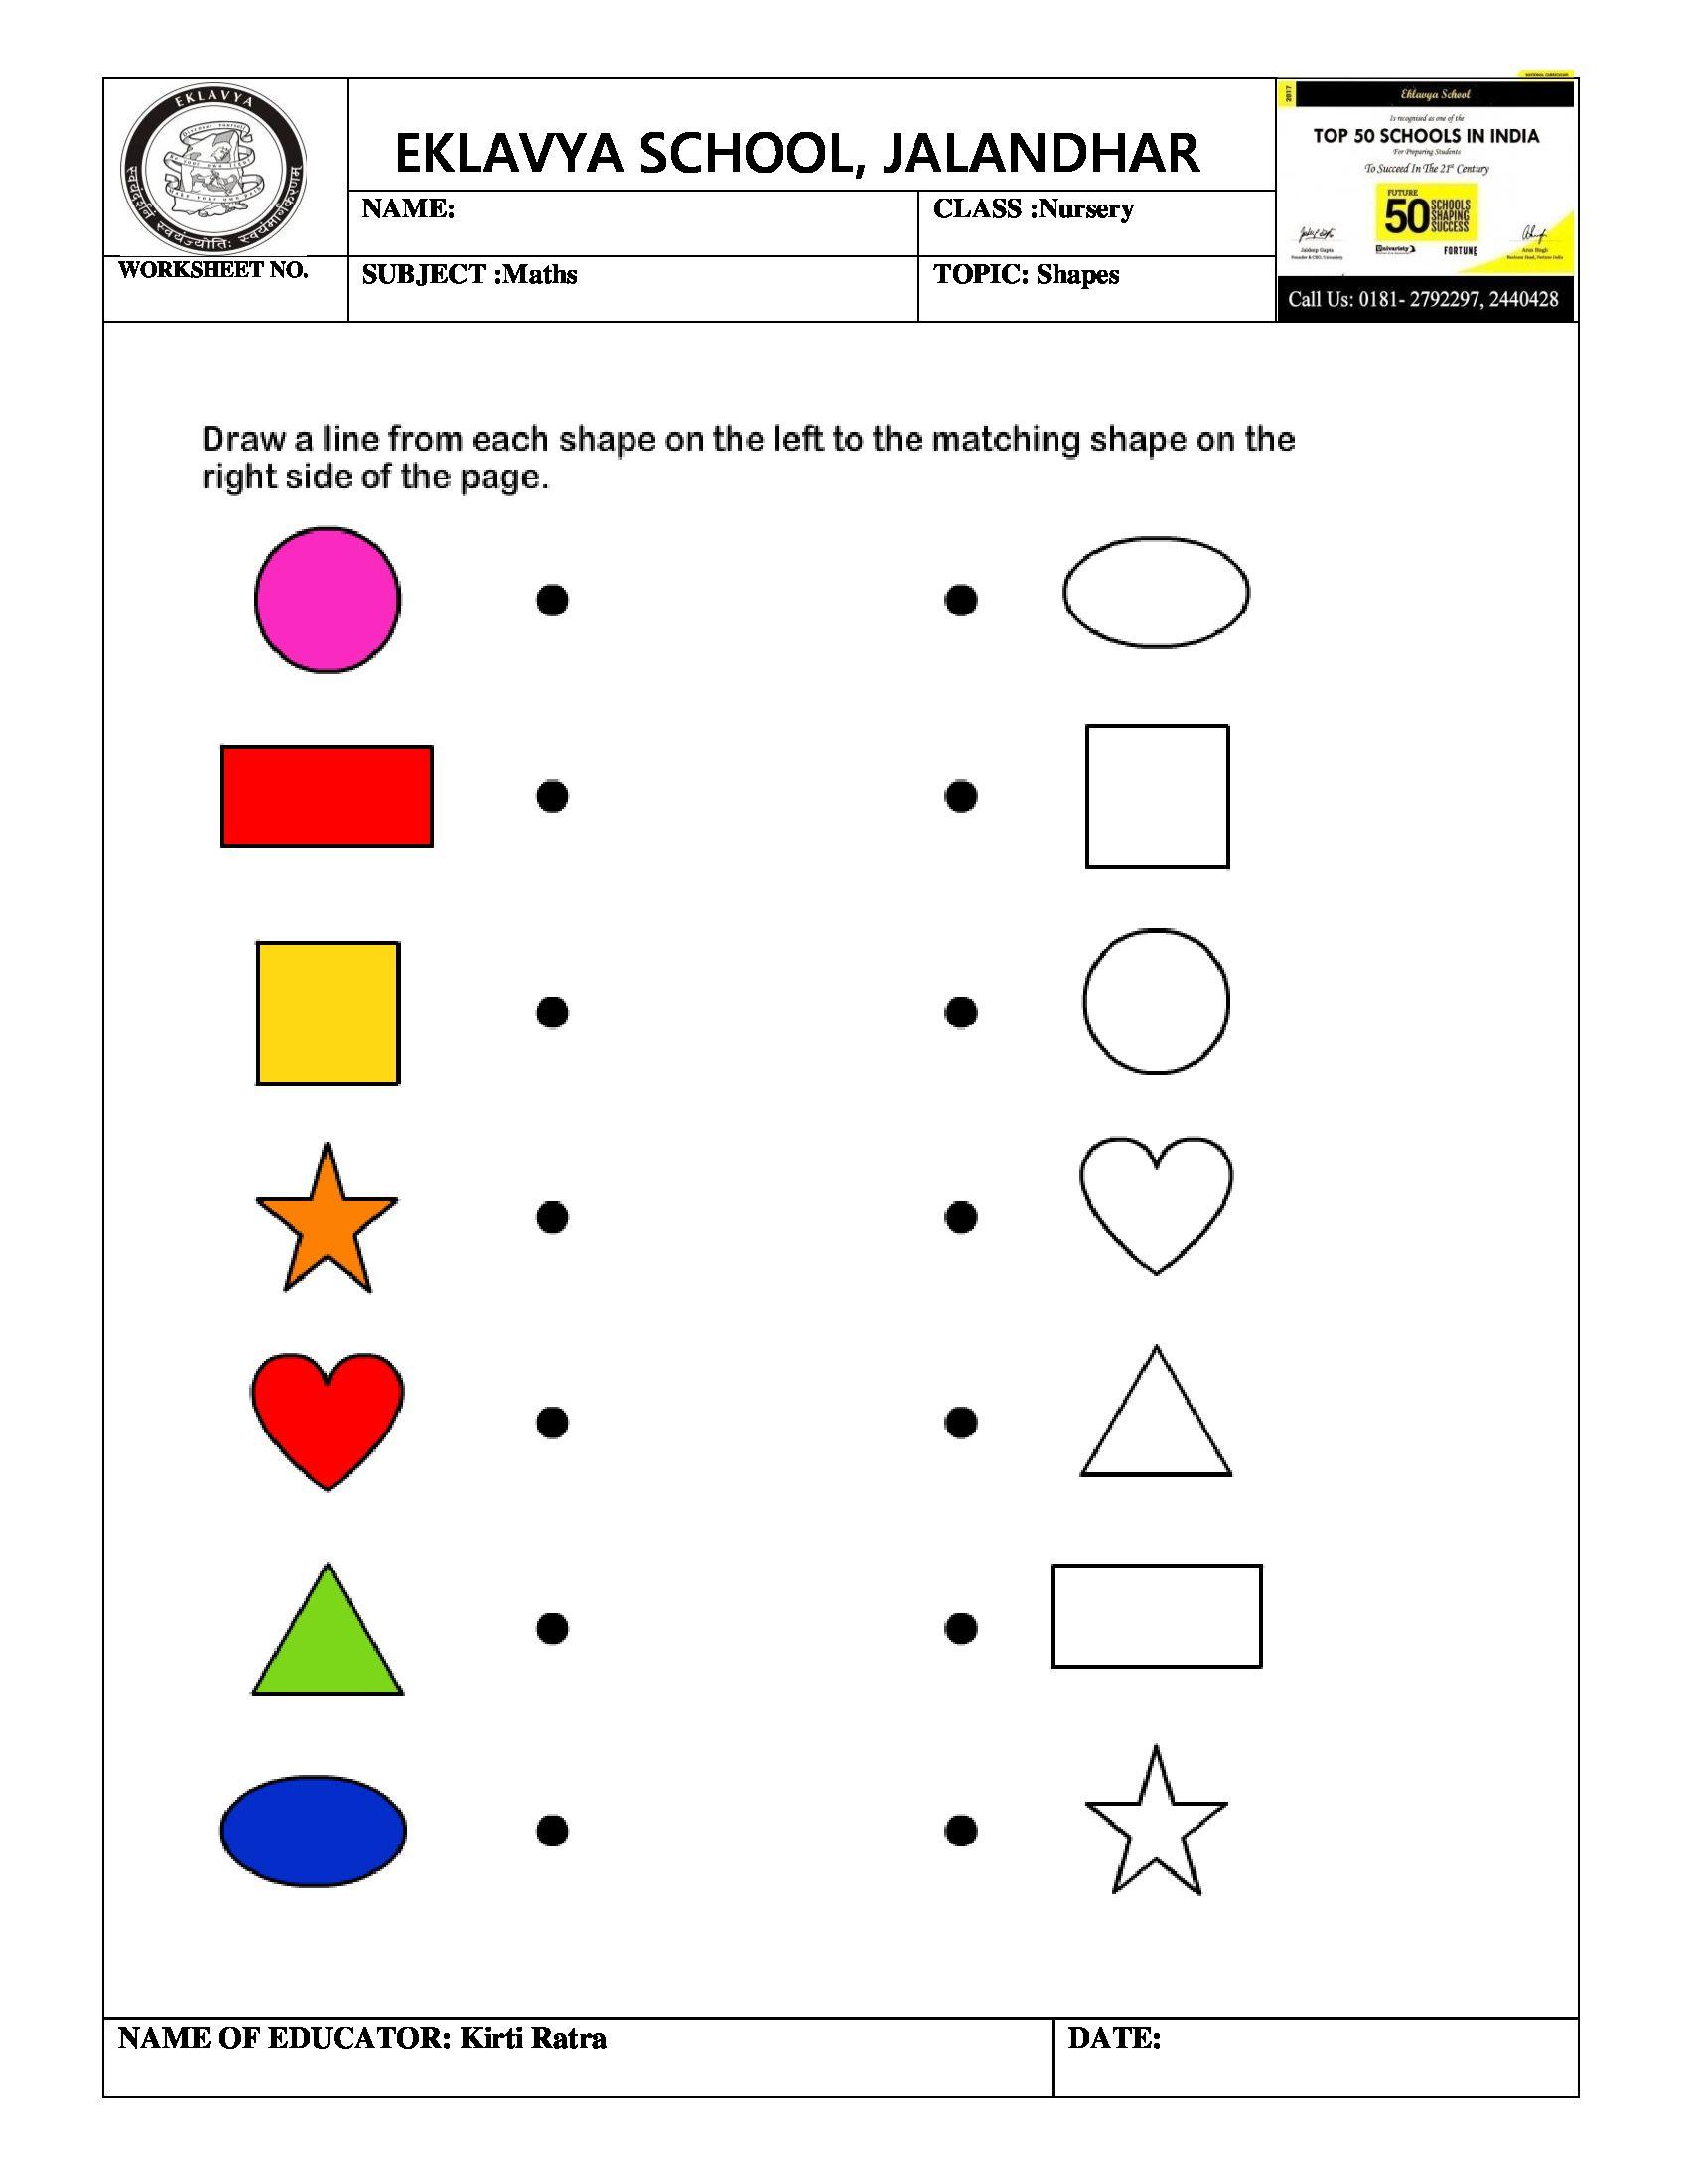 Worksheet On Shapes | Pre- Primary Worksheets | Kindergarten ...